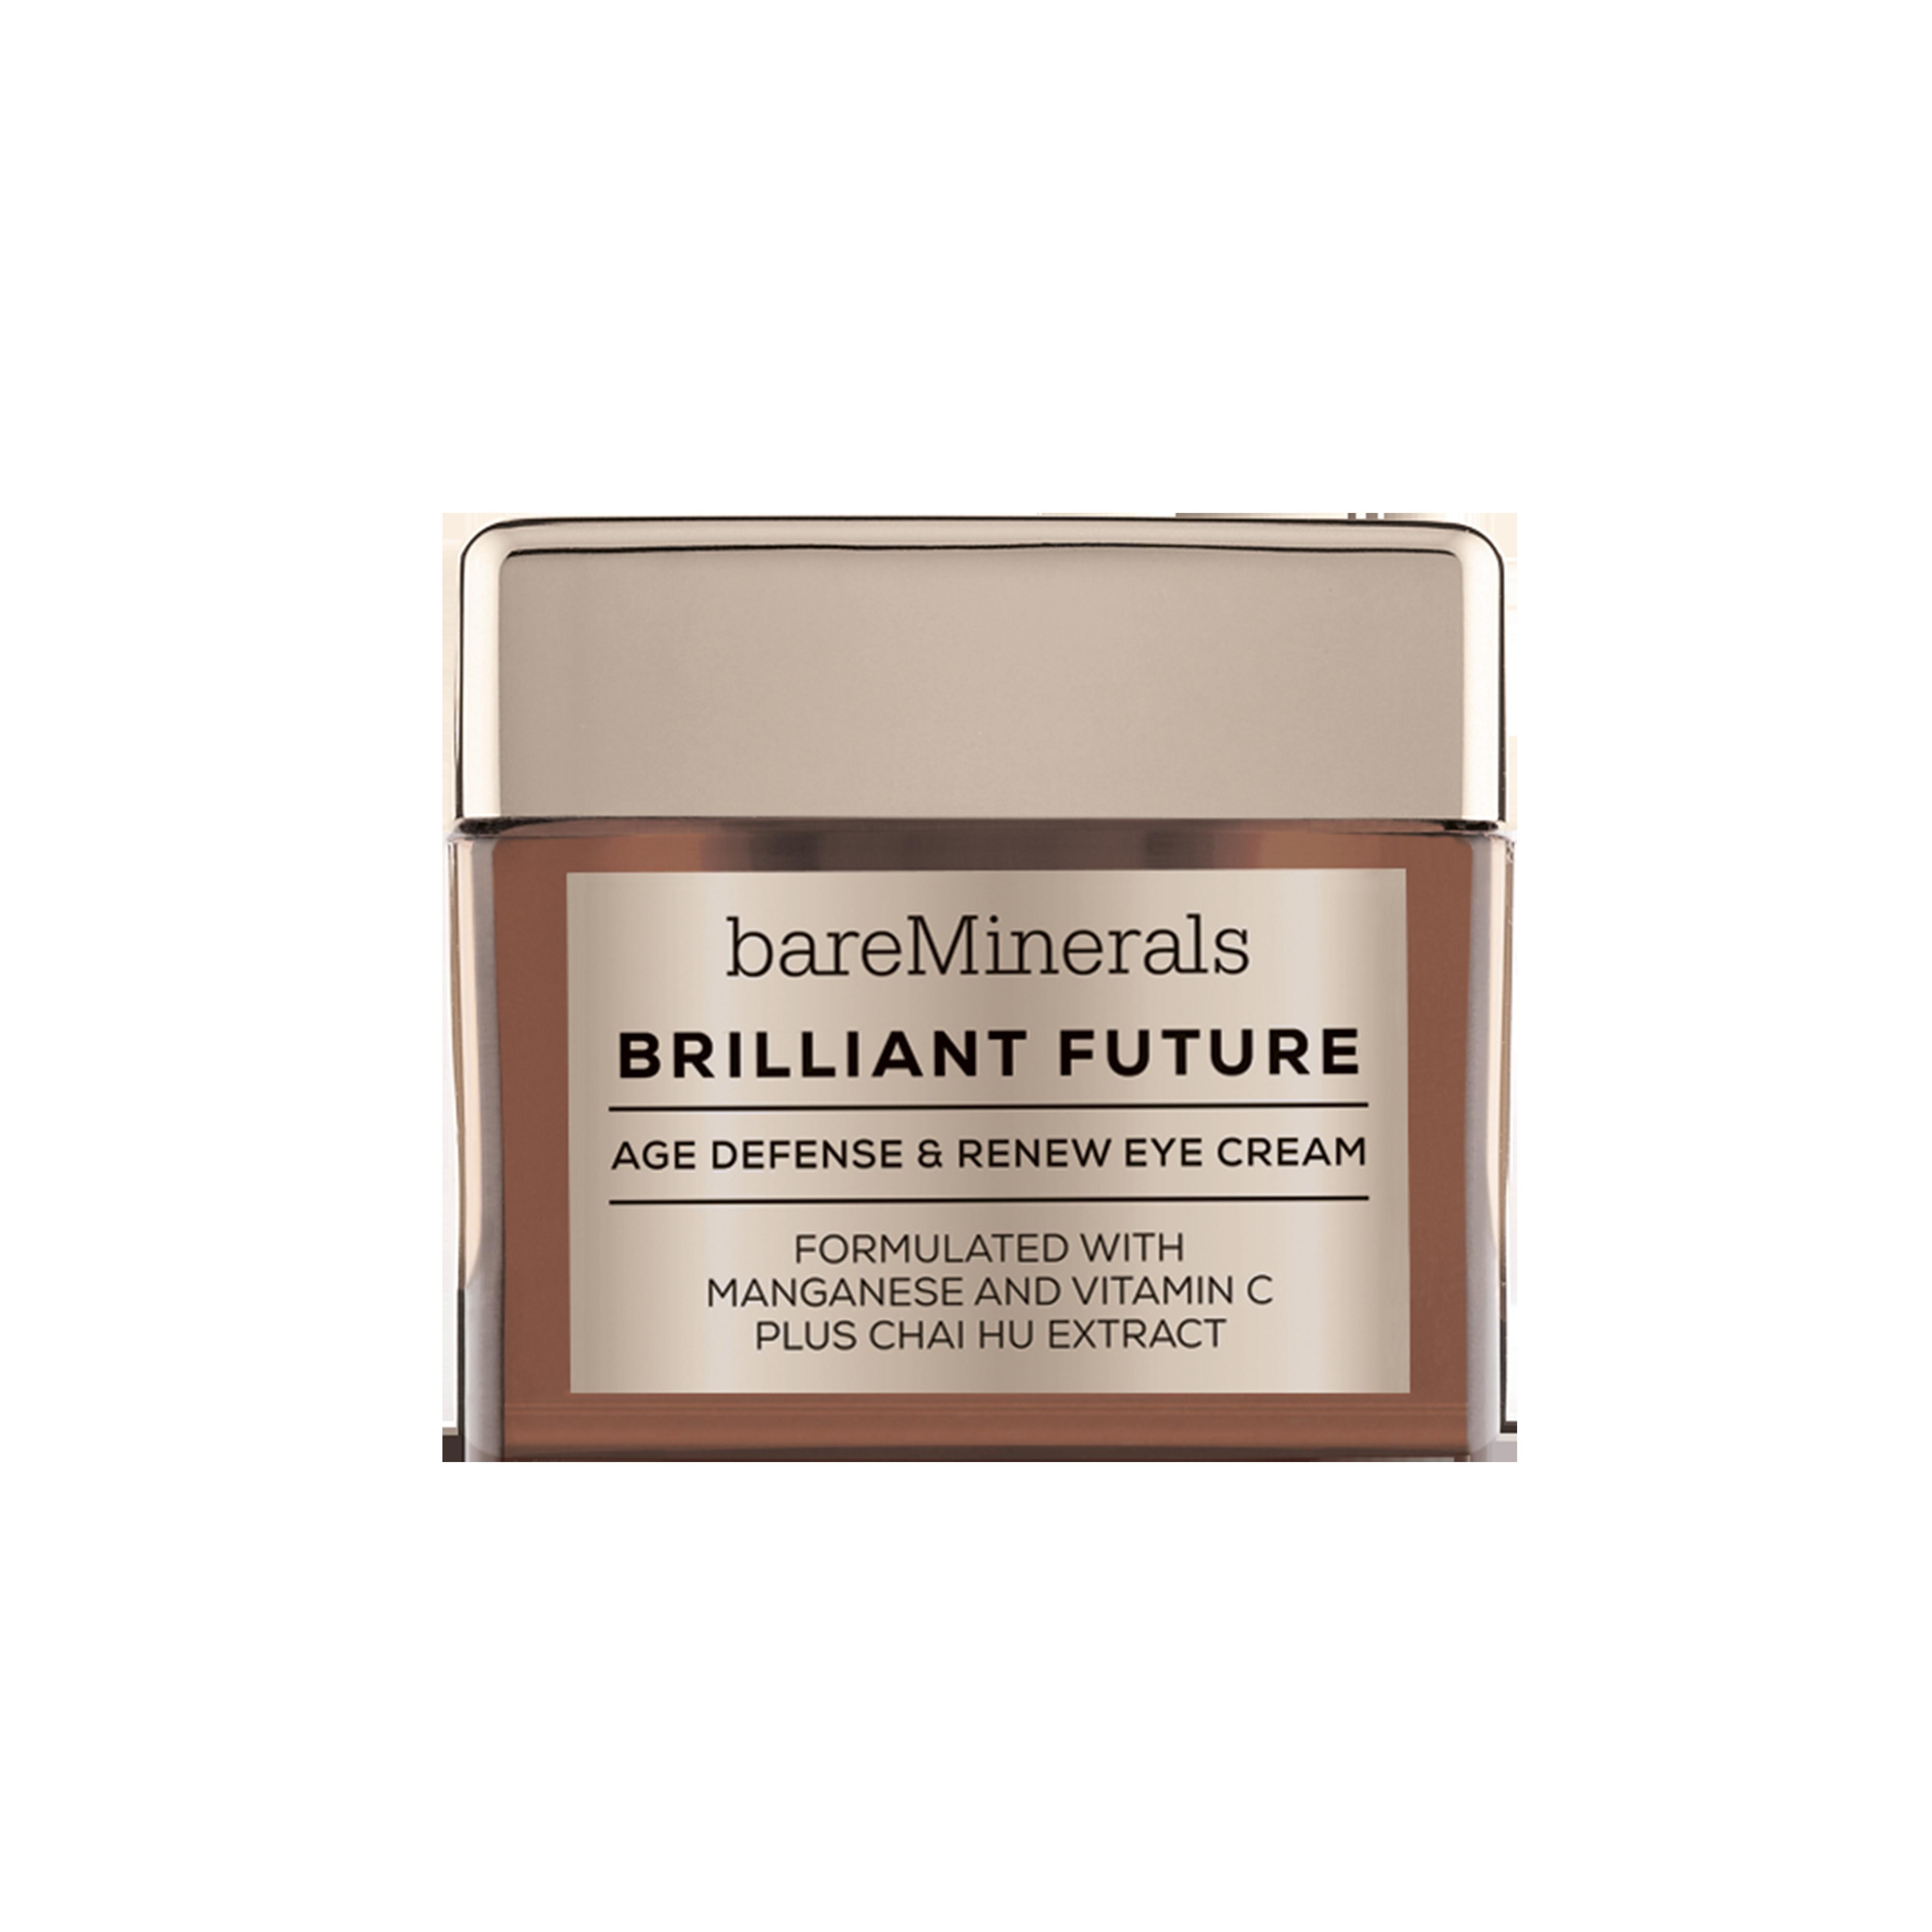 Brilliant Future™ Age Defense and Renew Eye Cream